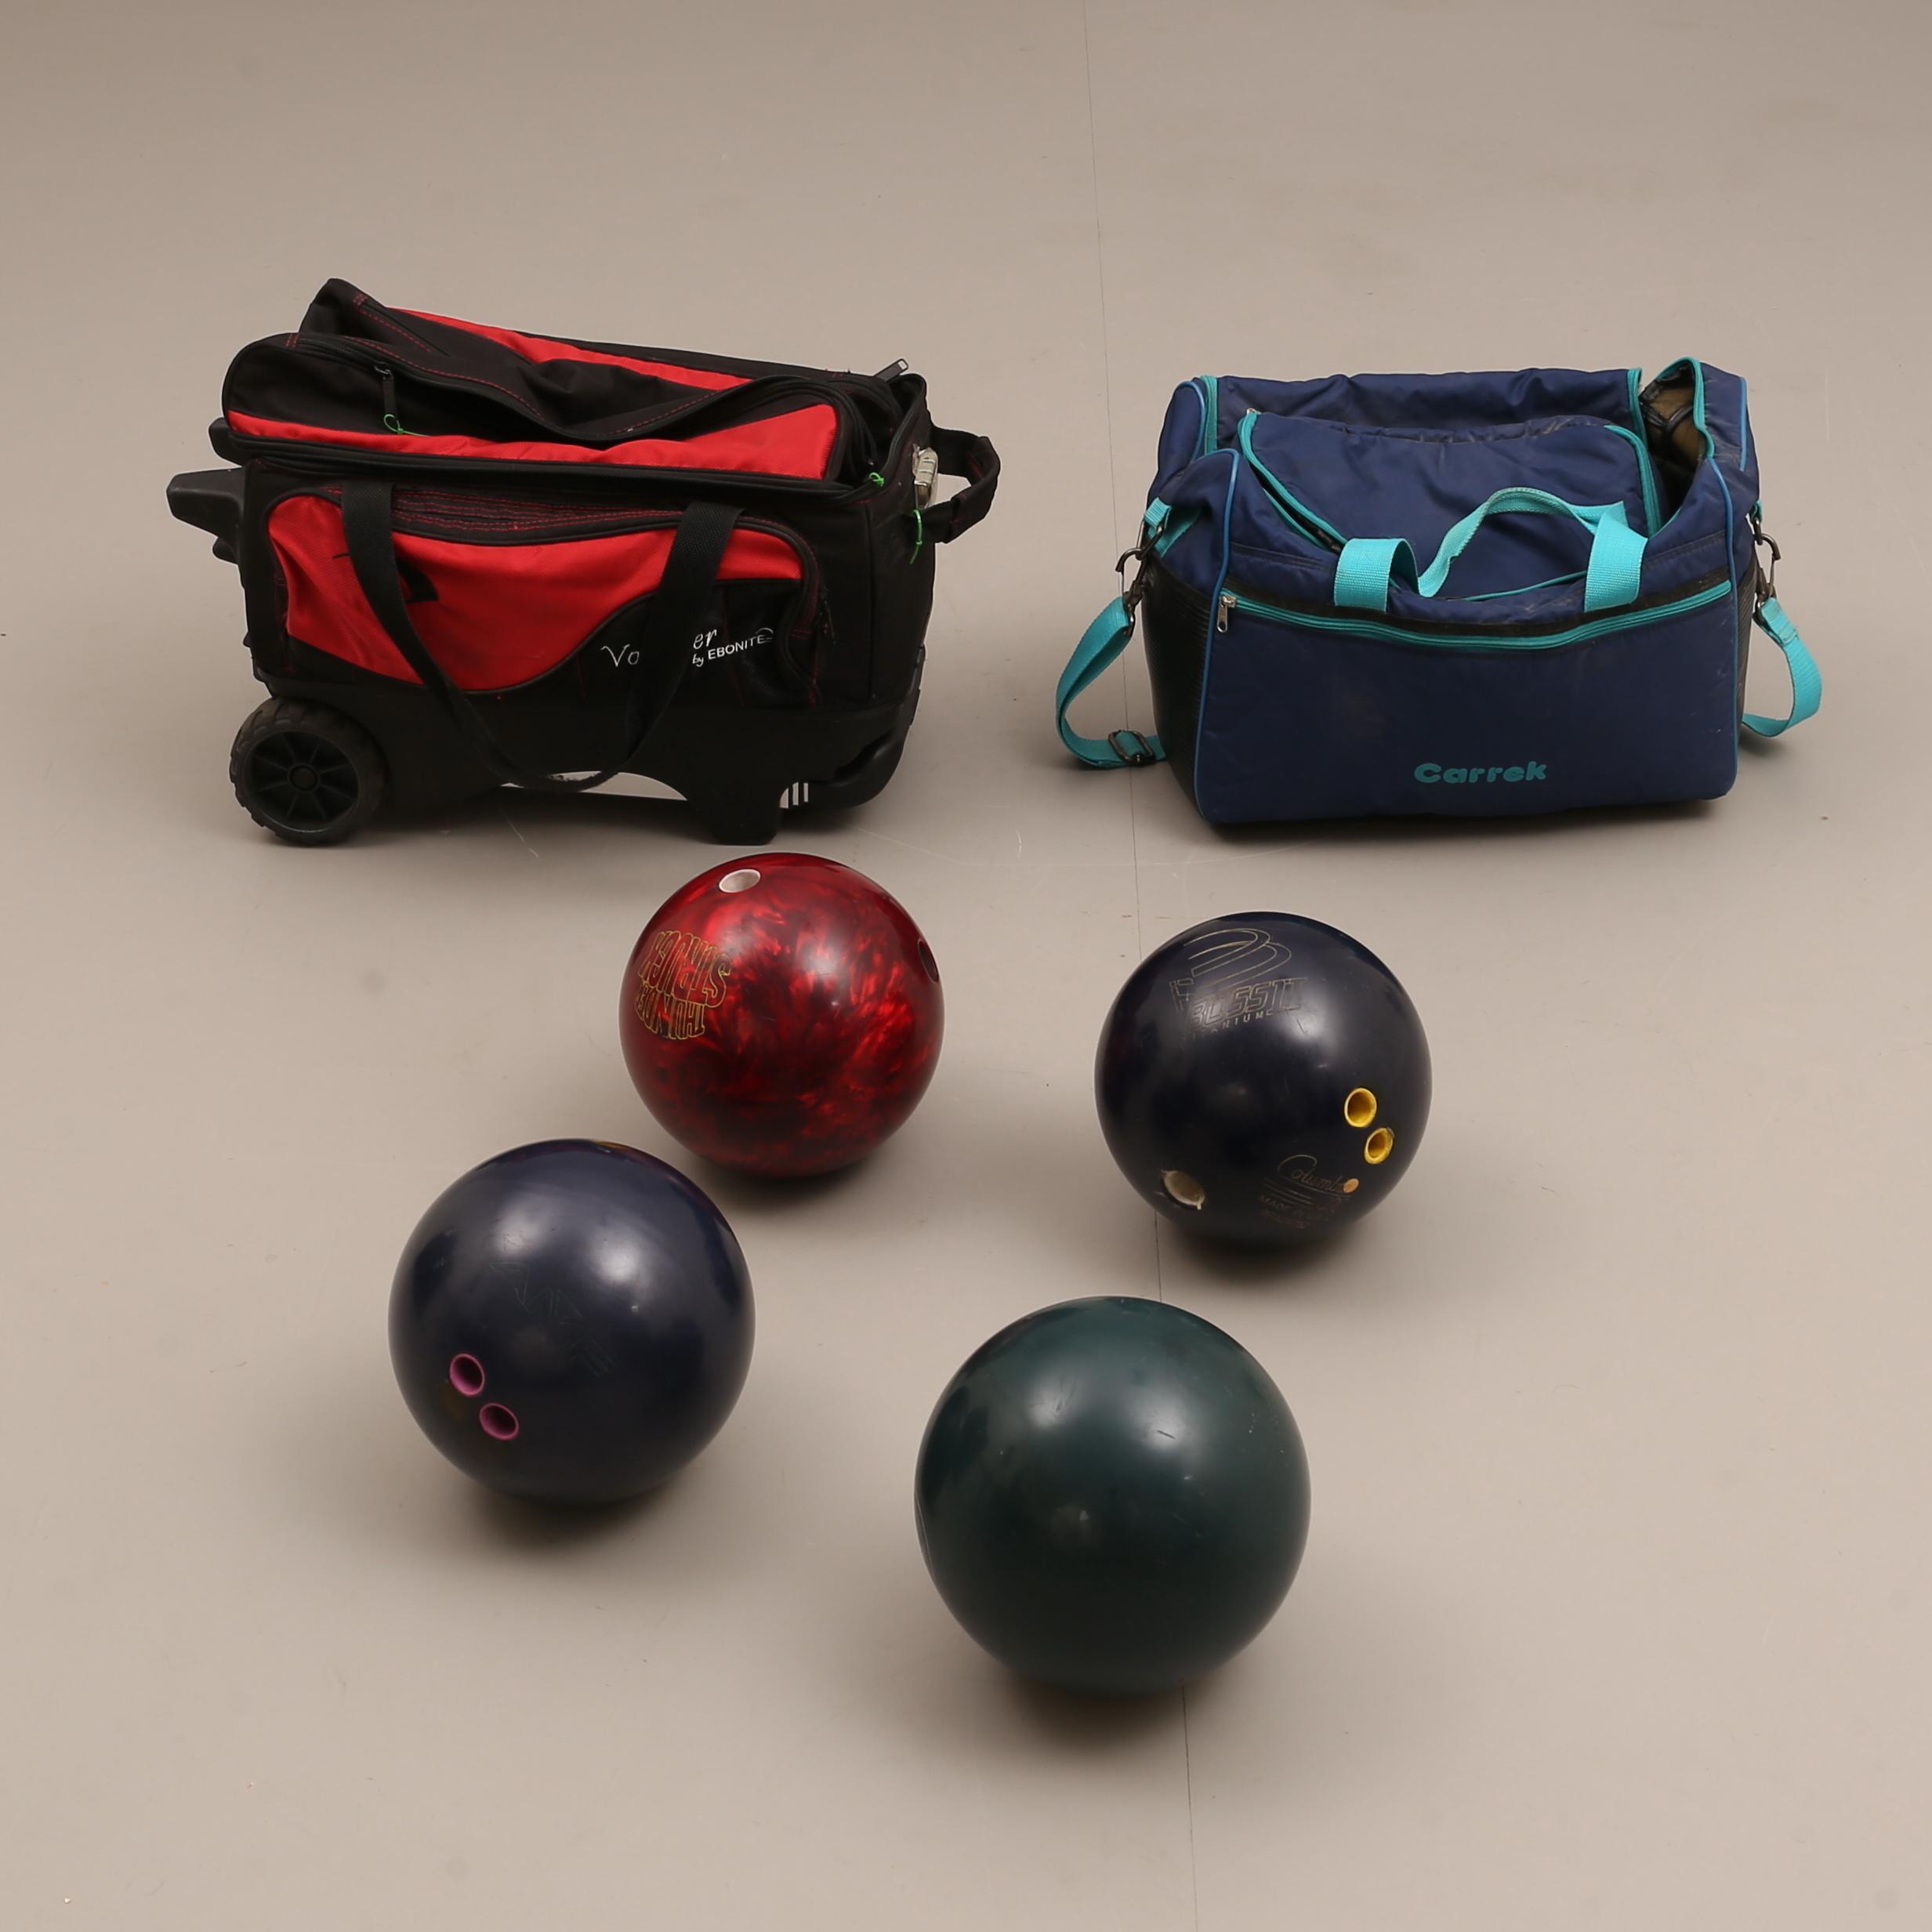 BOWLINGKLOT, 4 stycken, med väskor. Övrigt Övrigt Auctionet